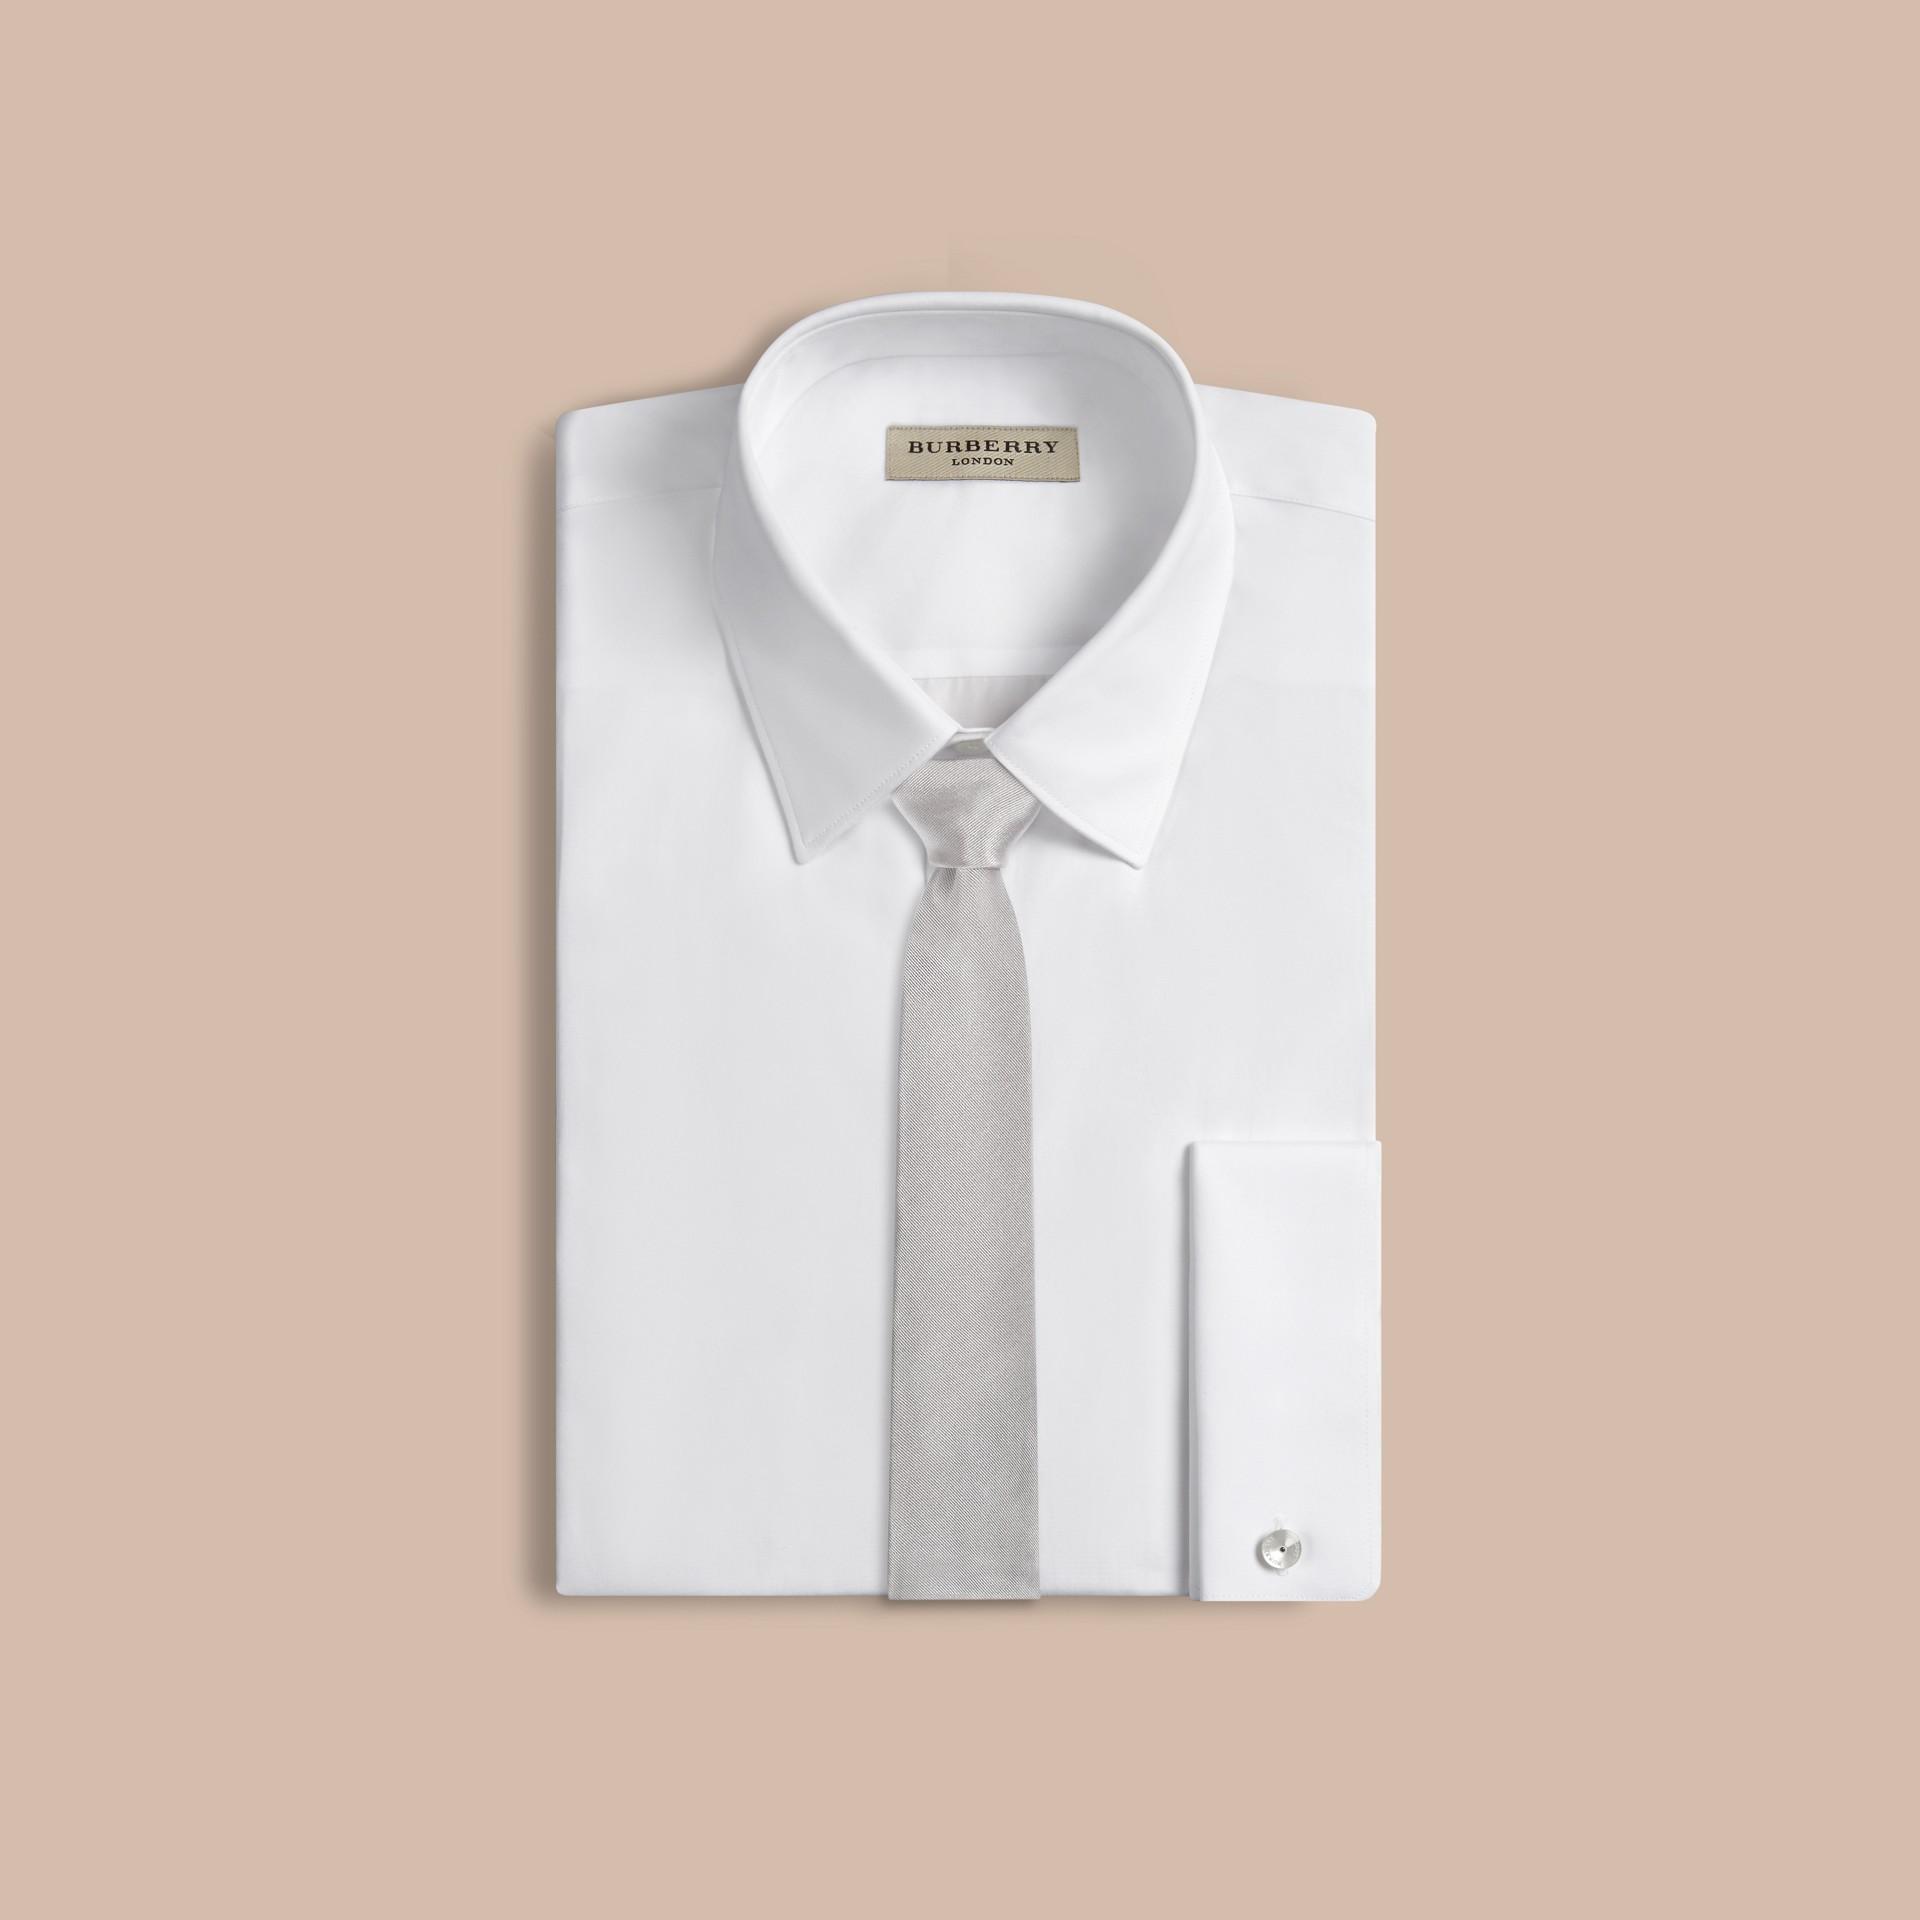 淡灰色 現代剪裁絲質領帶 - 圖庫照片 2